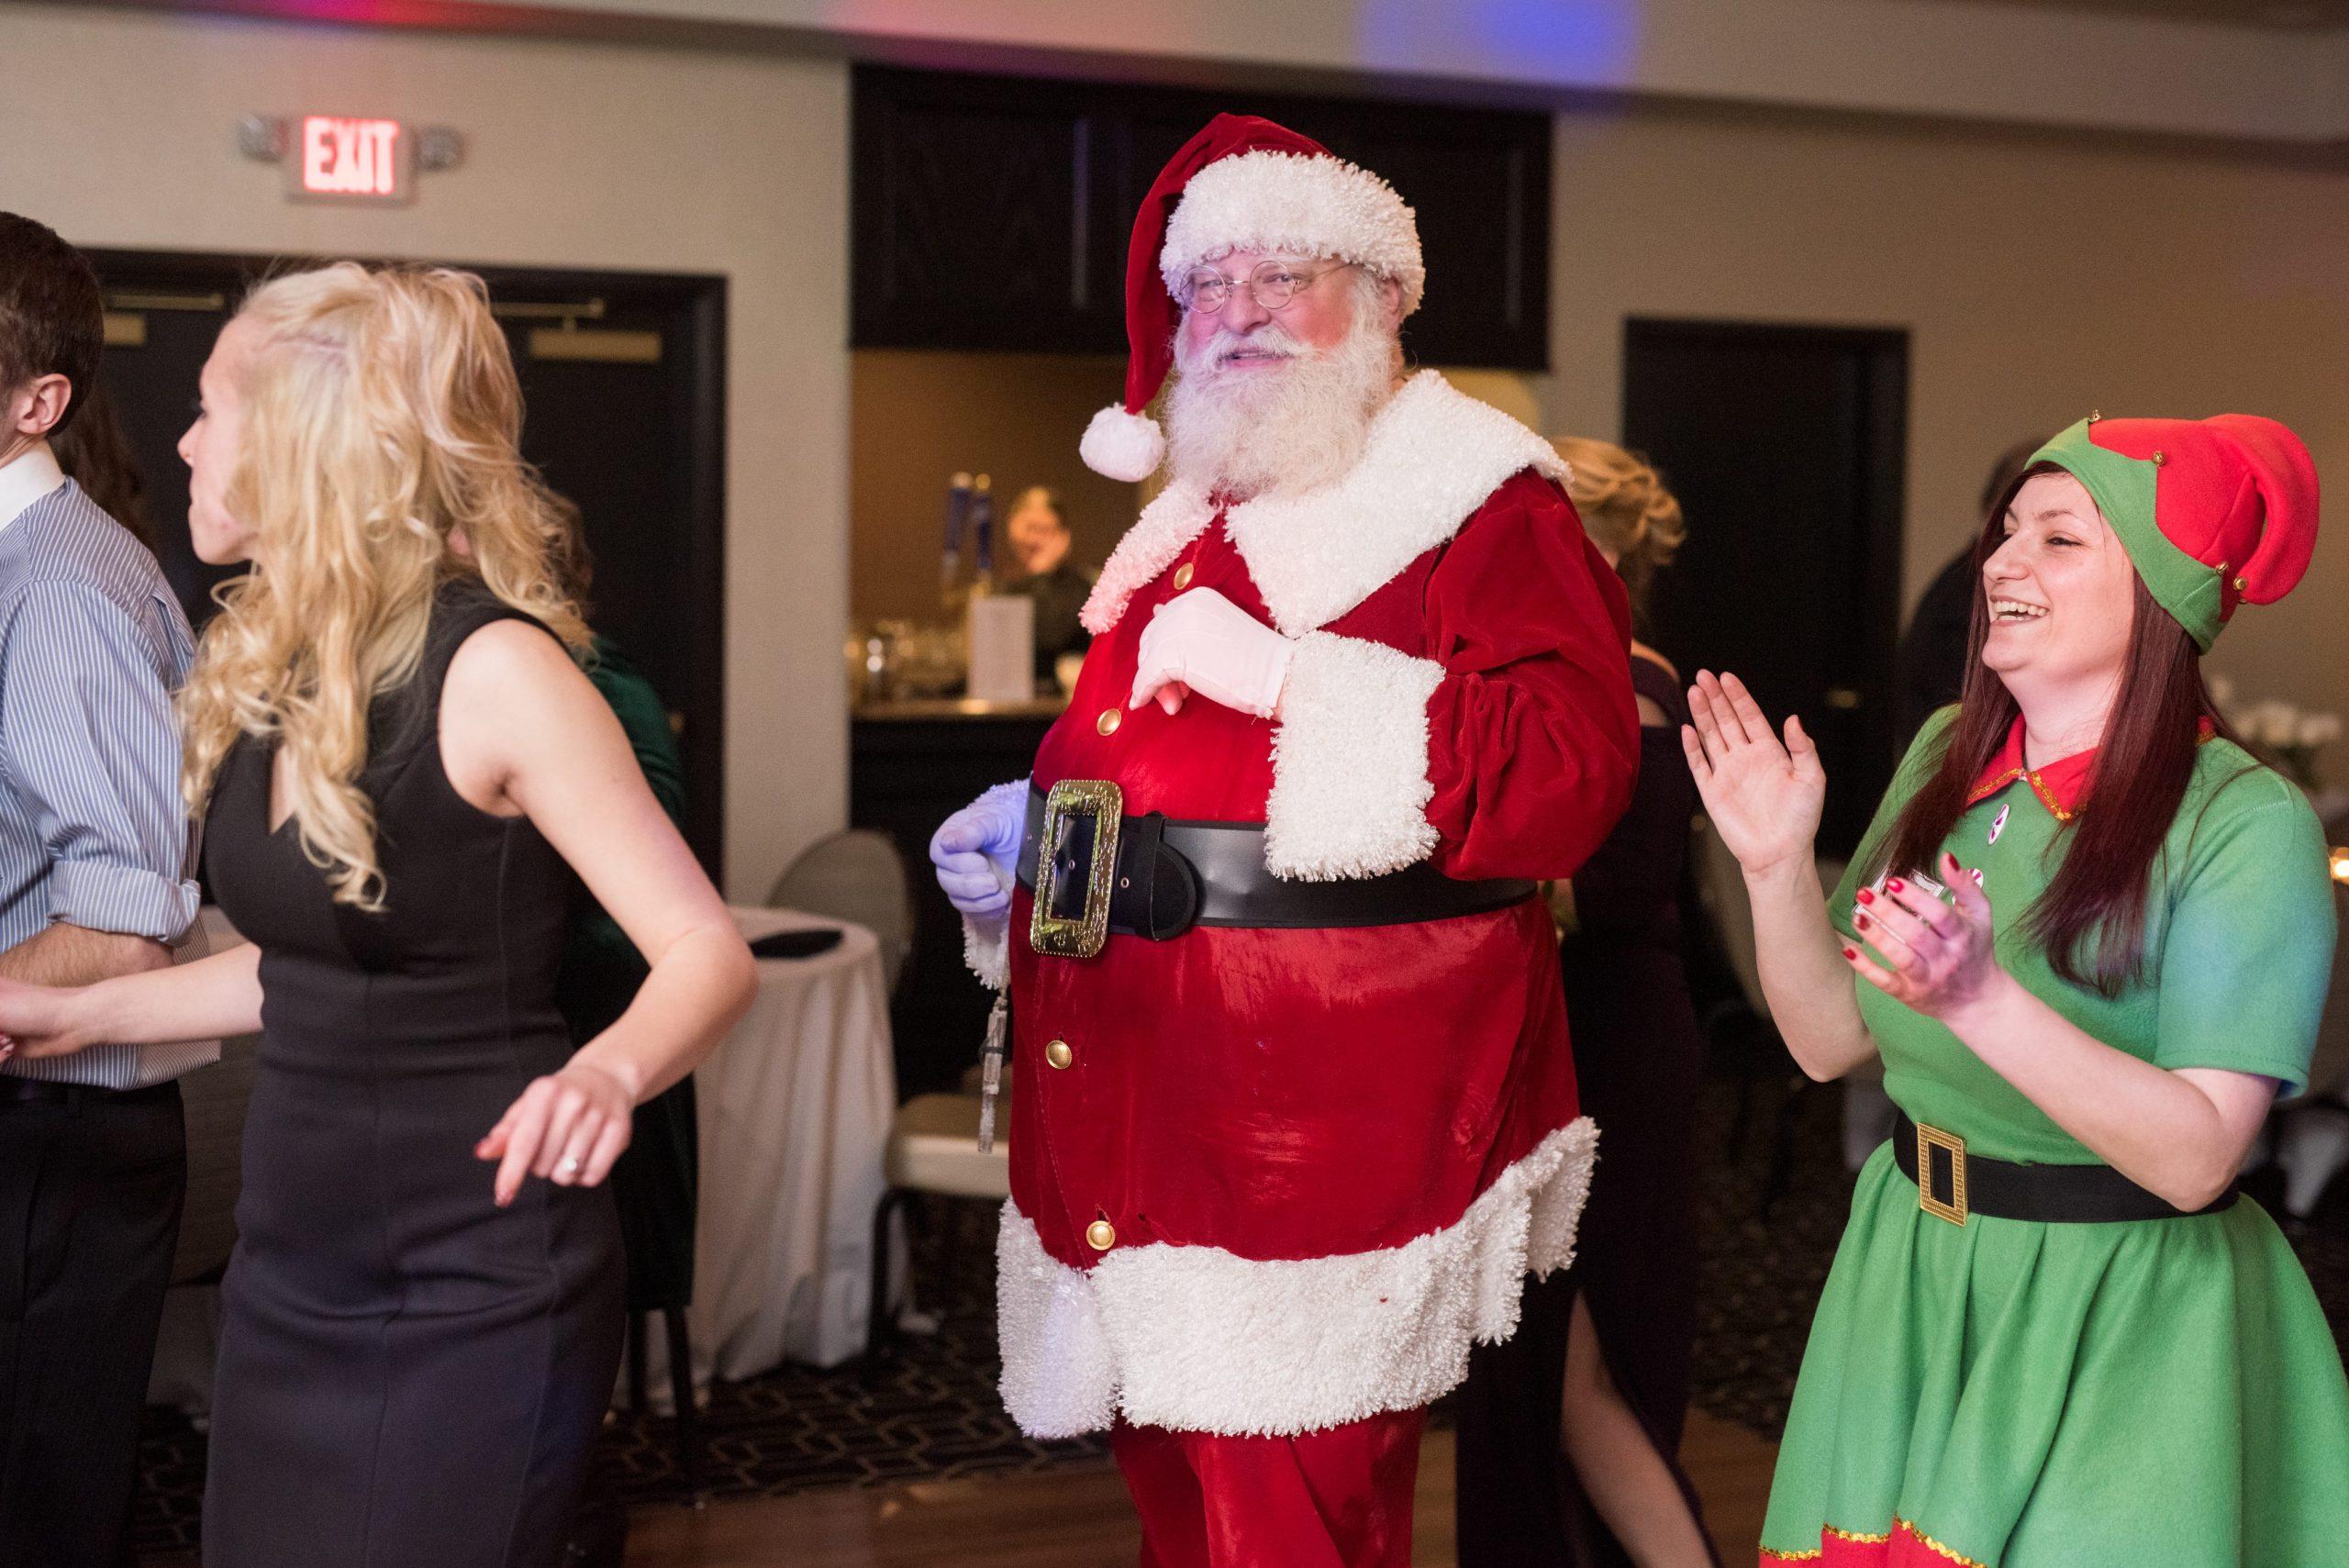 Santa Clause on the dance floor